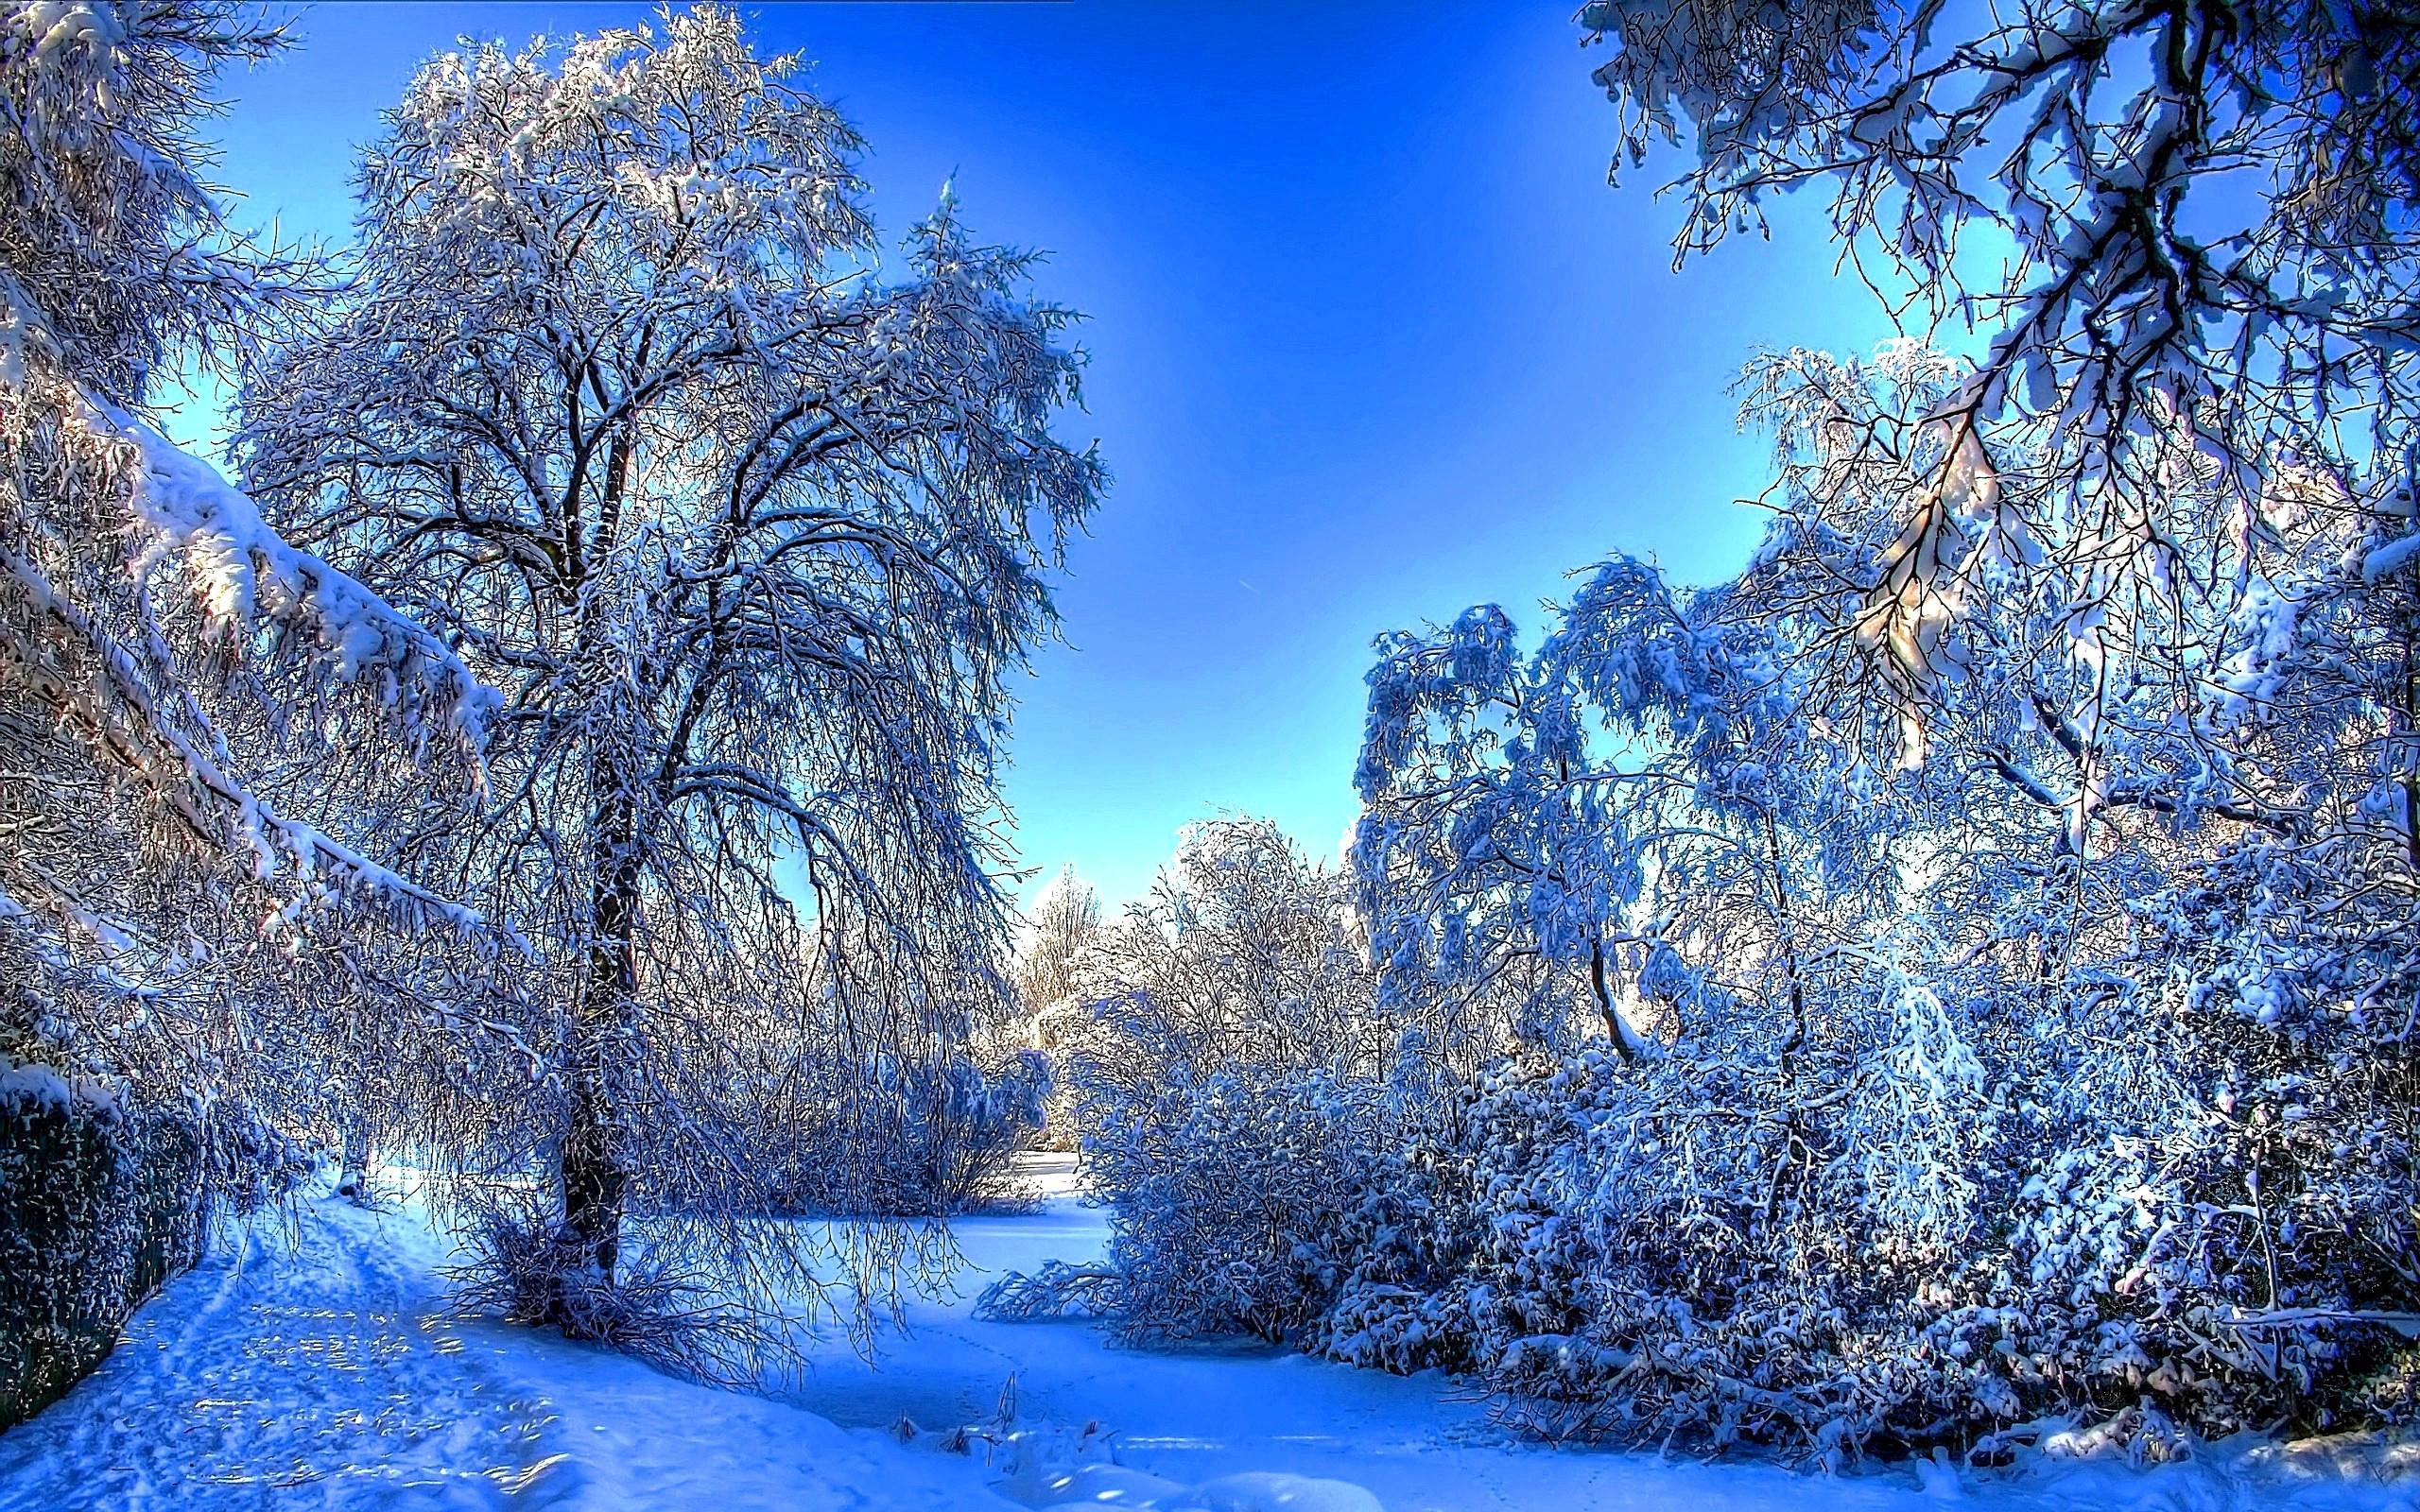 23005 descargar fondo de pantalla Paisaje, Invierno, Árboles, Nieve: protectores de pantalla e imágenes gratis